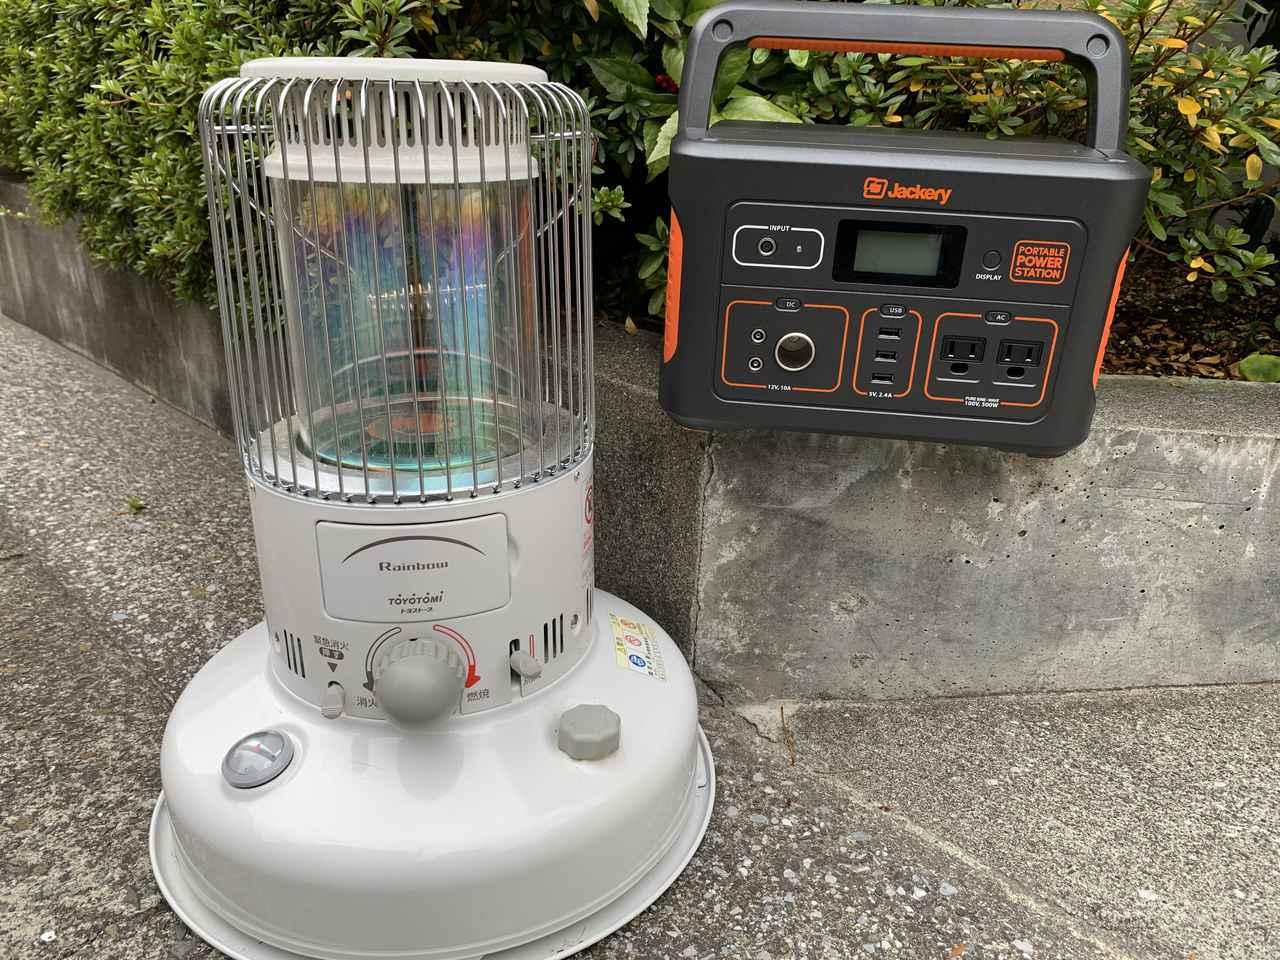 画像: トヨトミの電気ストーブとJackeryのポータブル電源700で、電気なしサイトを快適に! - ハピキャン(HAPPY CAMPER)